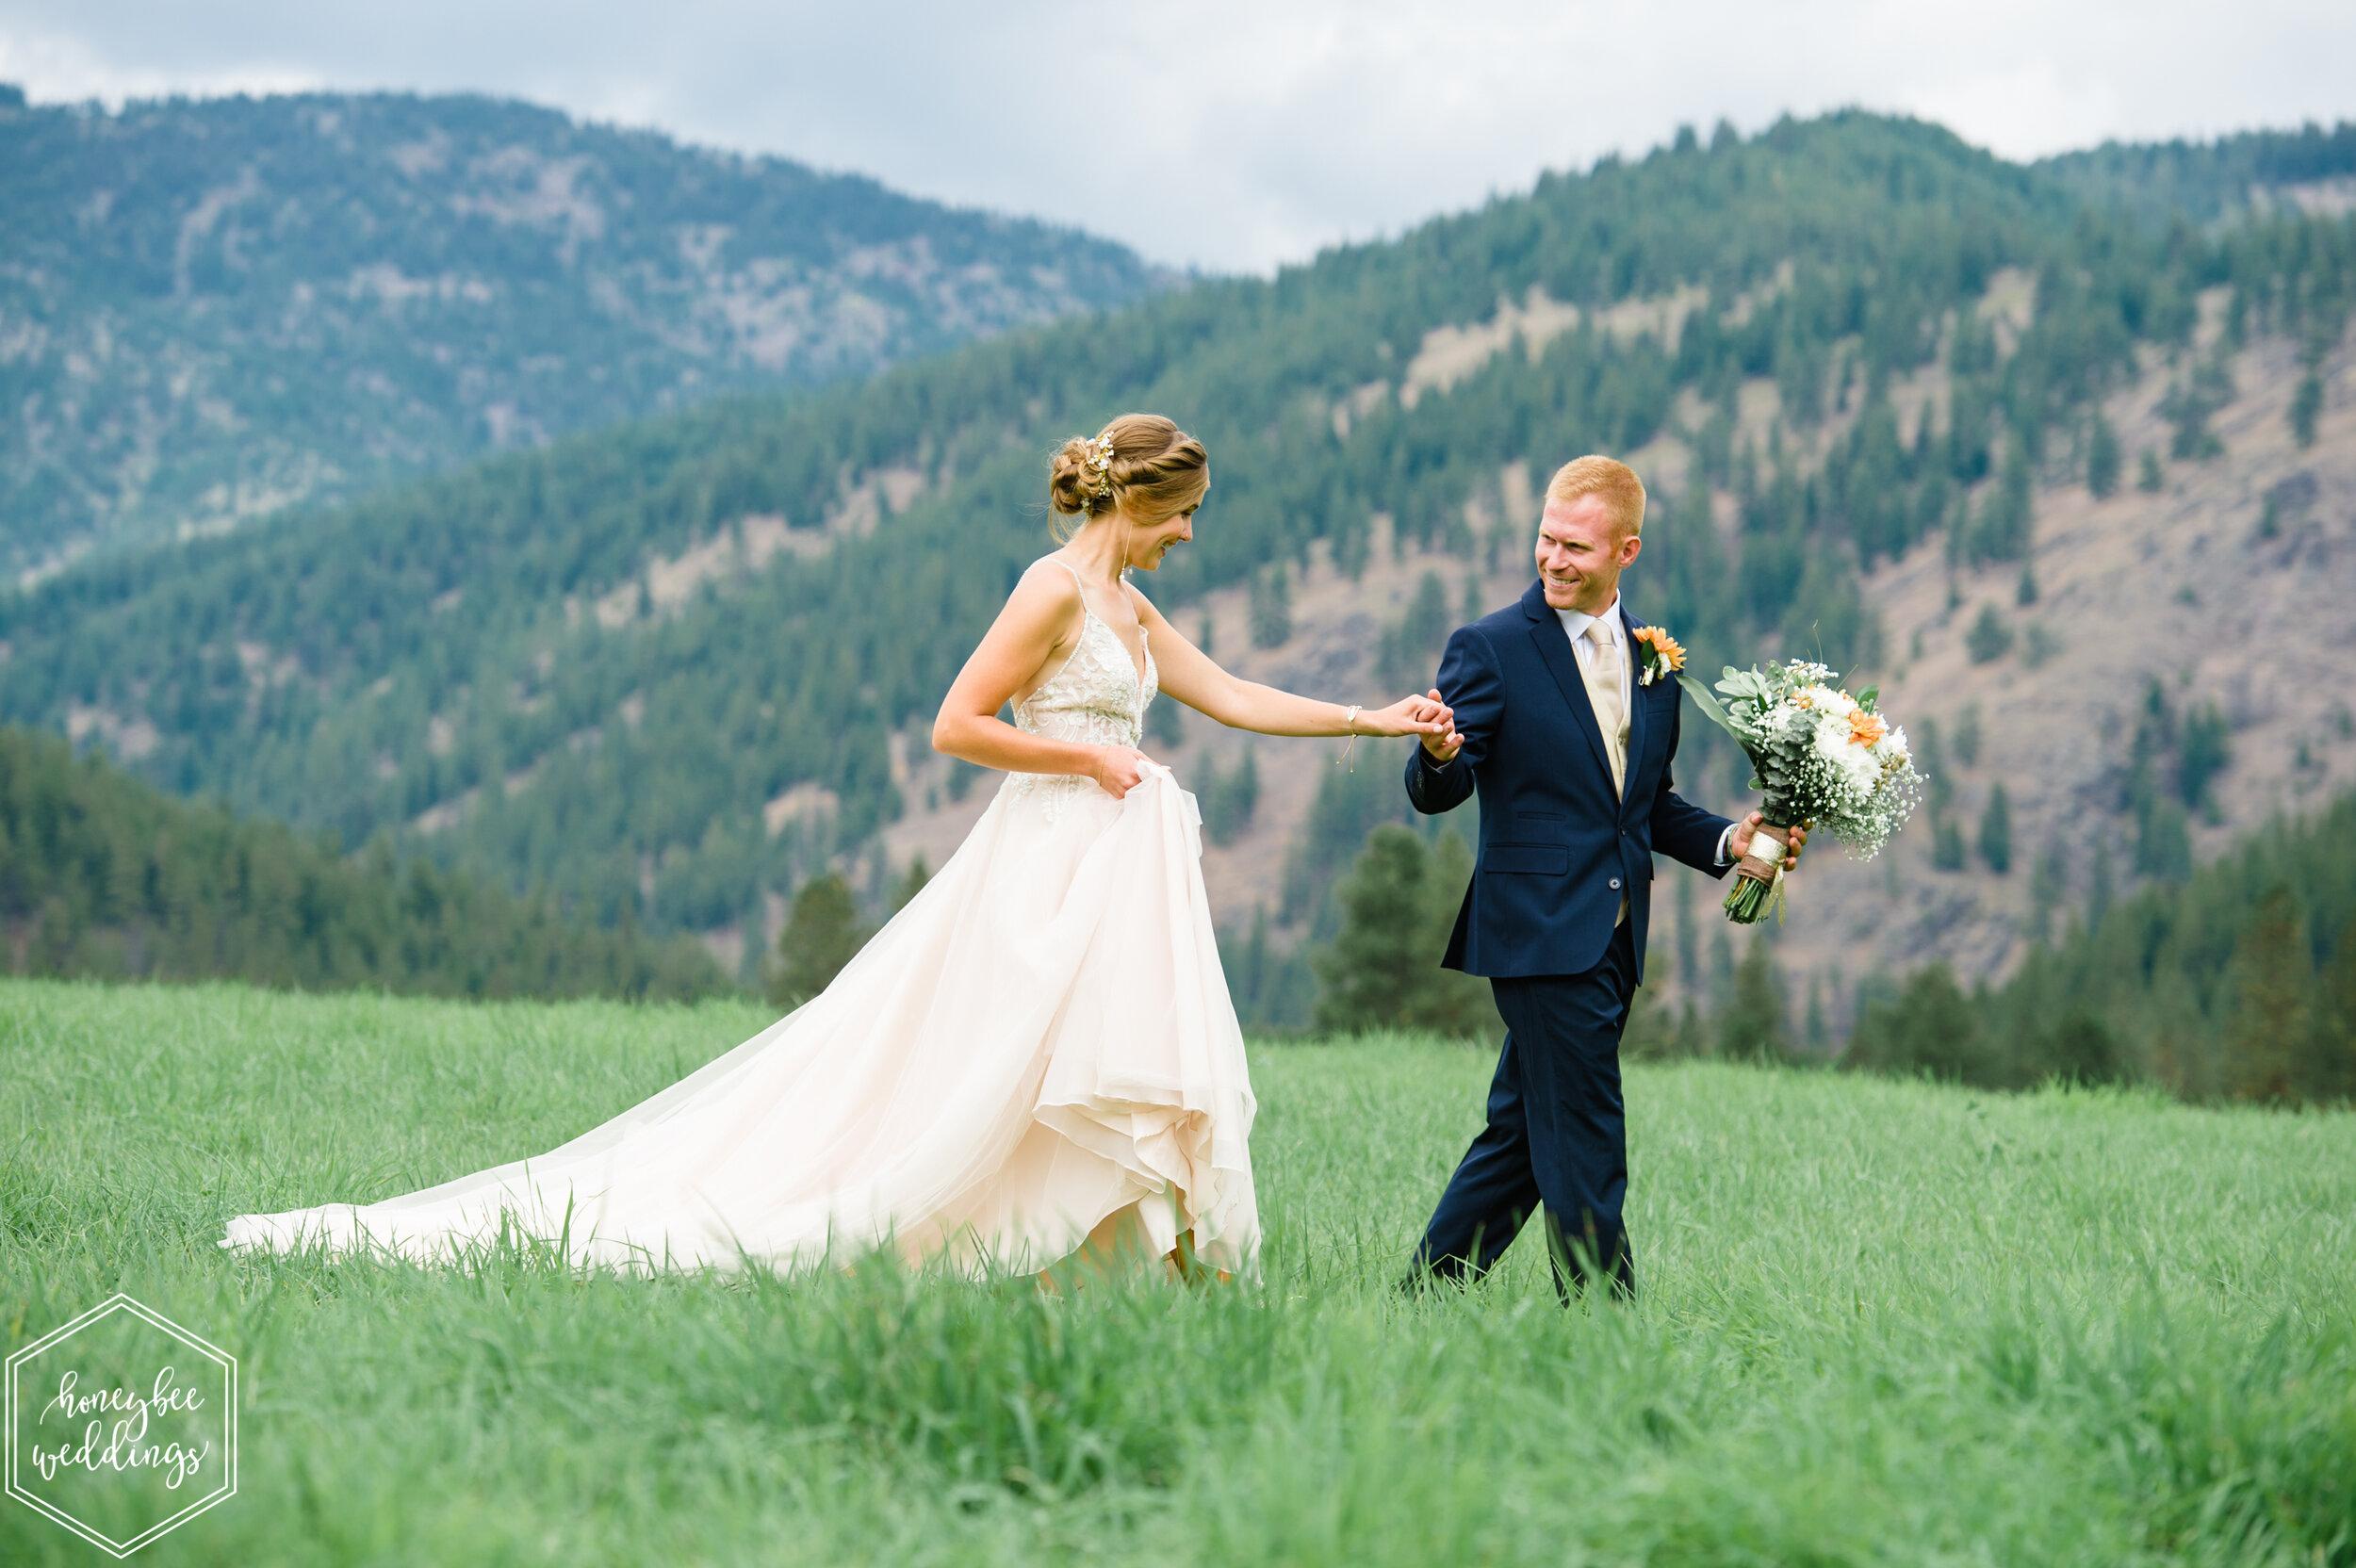 017Seven Mile Meadows Wedding_Montana Wedding Photographer_Jamie & Wes_Honeybee Weddings_September 07, 2019-129.jpg